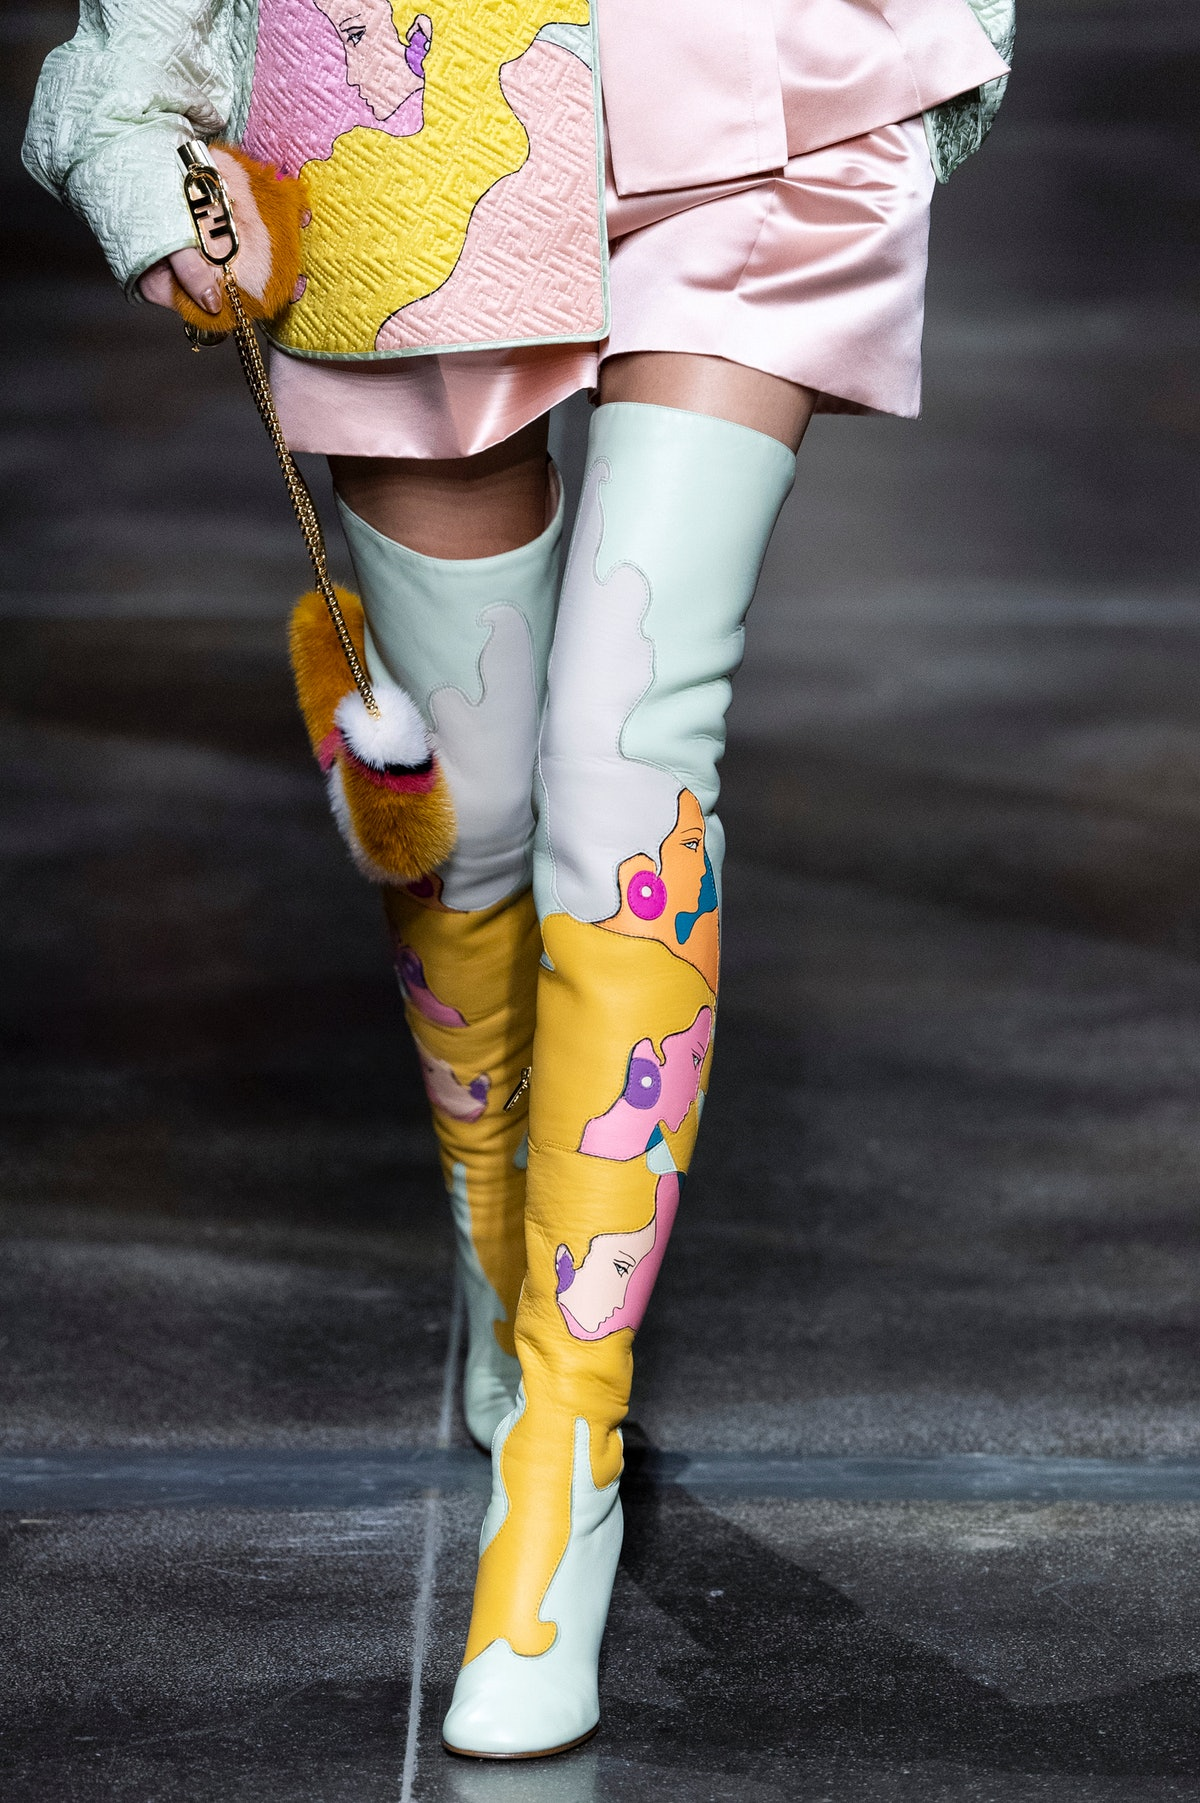 میلان ، ایتالیا - 22 سپتامبر: یک مدل در باند پیاده روی هنگام آماده شدن برای پوشیدن لباس های بهار/تابستان 2 Fendi قدم می زند ...